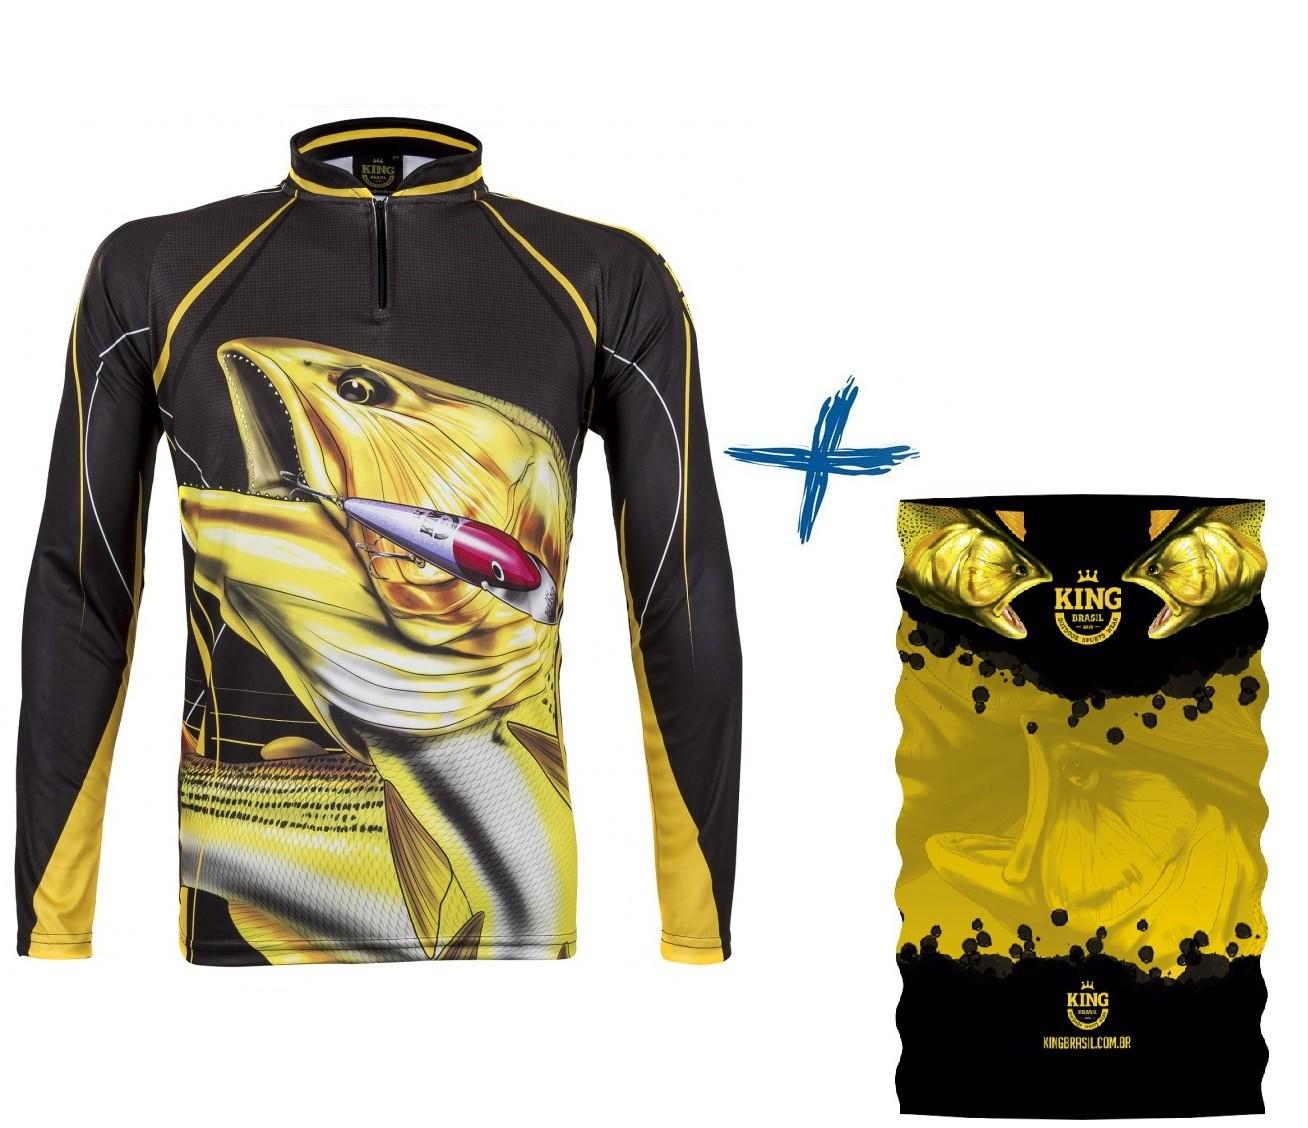 Camiseta De Pesca King Proteção Solar Uv Atack 02 Dourado + Bandana